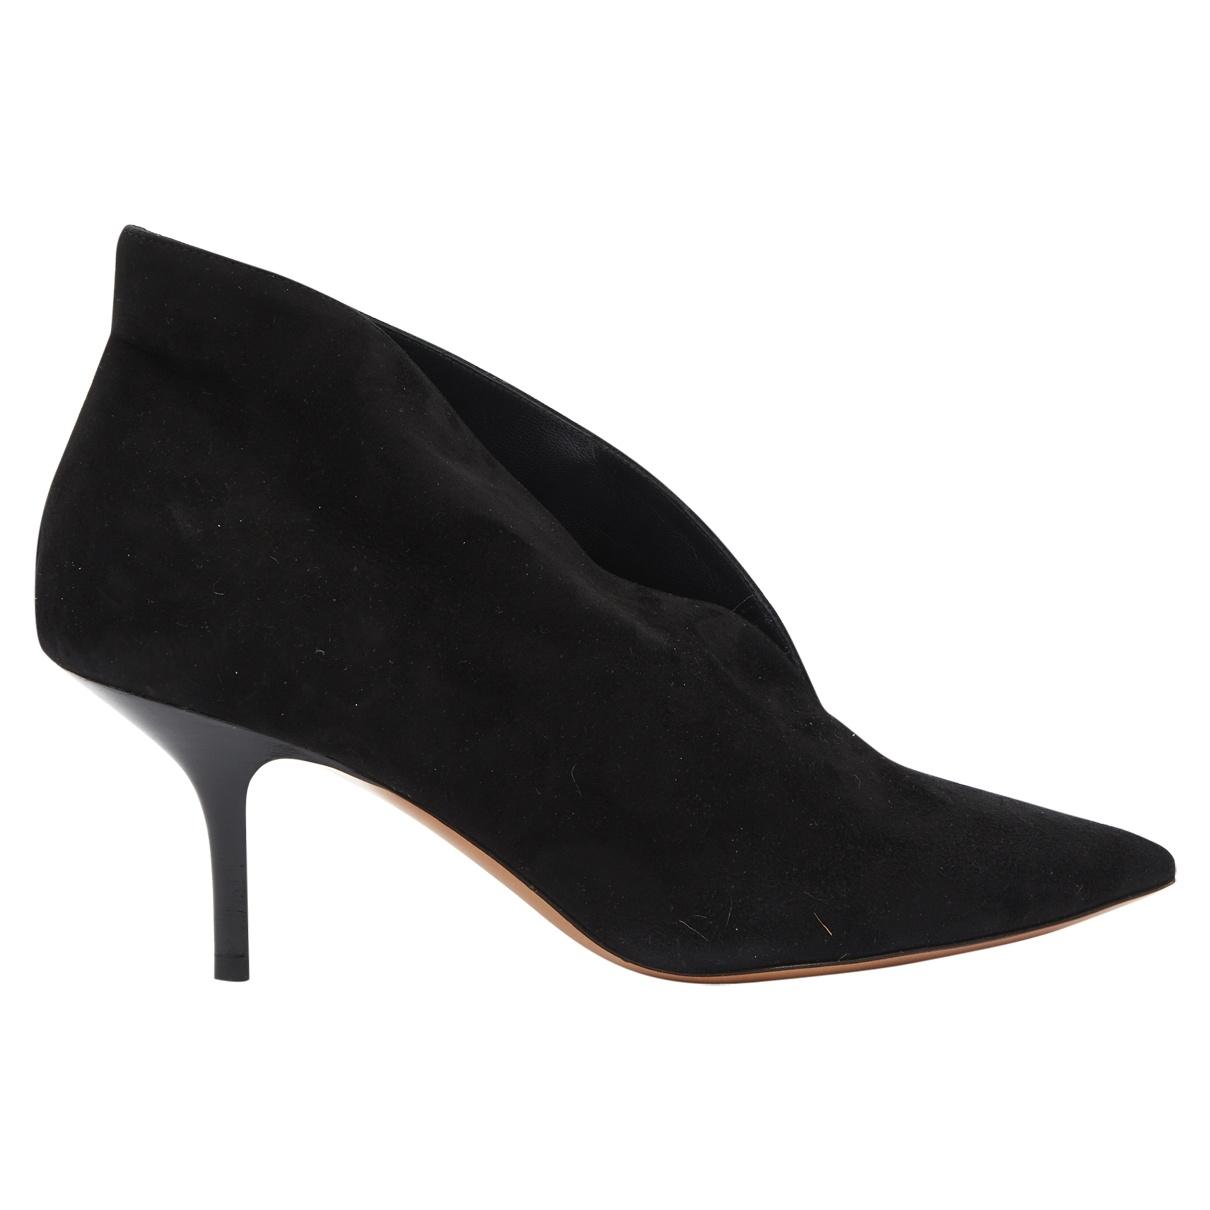 Celine Soft V Neck Black Suede Heels for Women 38 EU